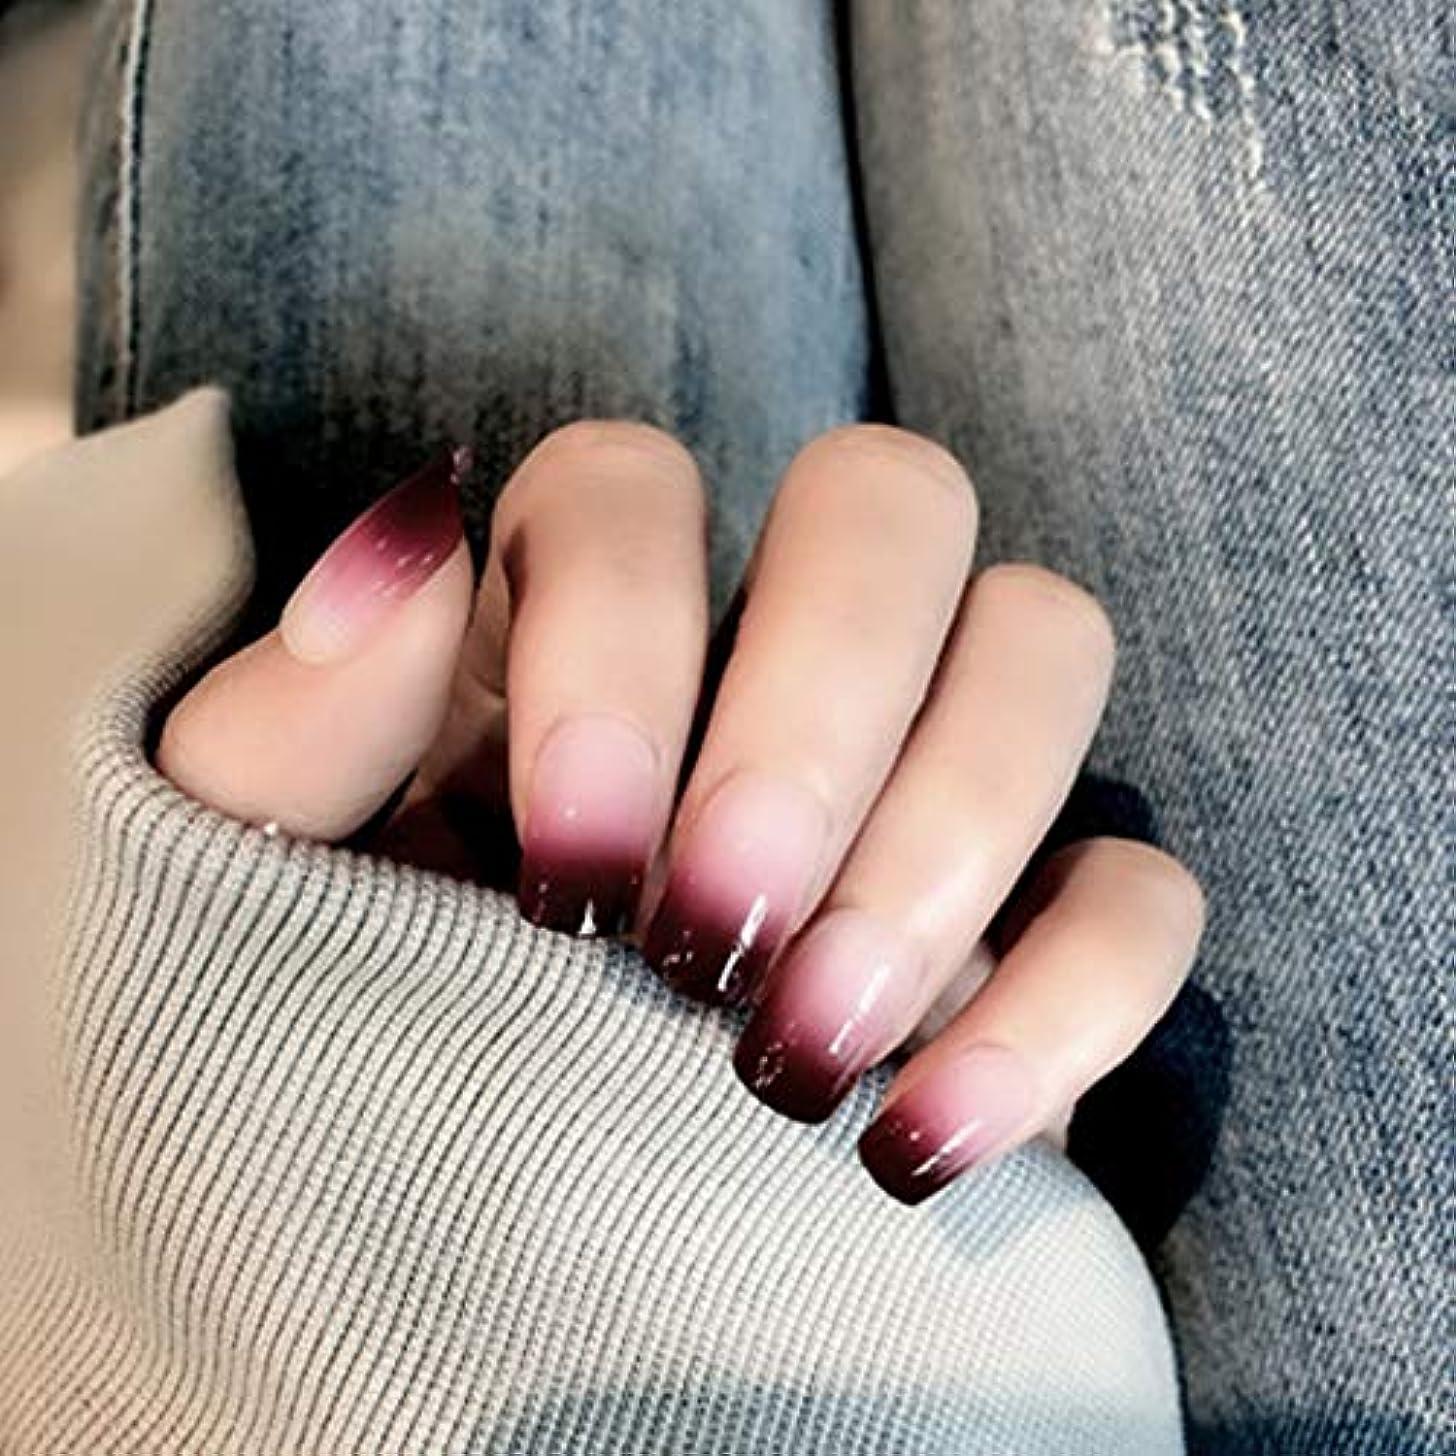 なので合金摂氏XUTXZKA 女性およびステッカーのための24のPCの赤い勾配色の長い偽の釘の方法偽造品の釘